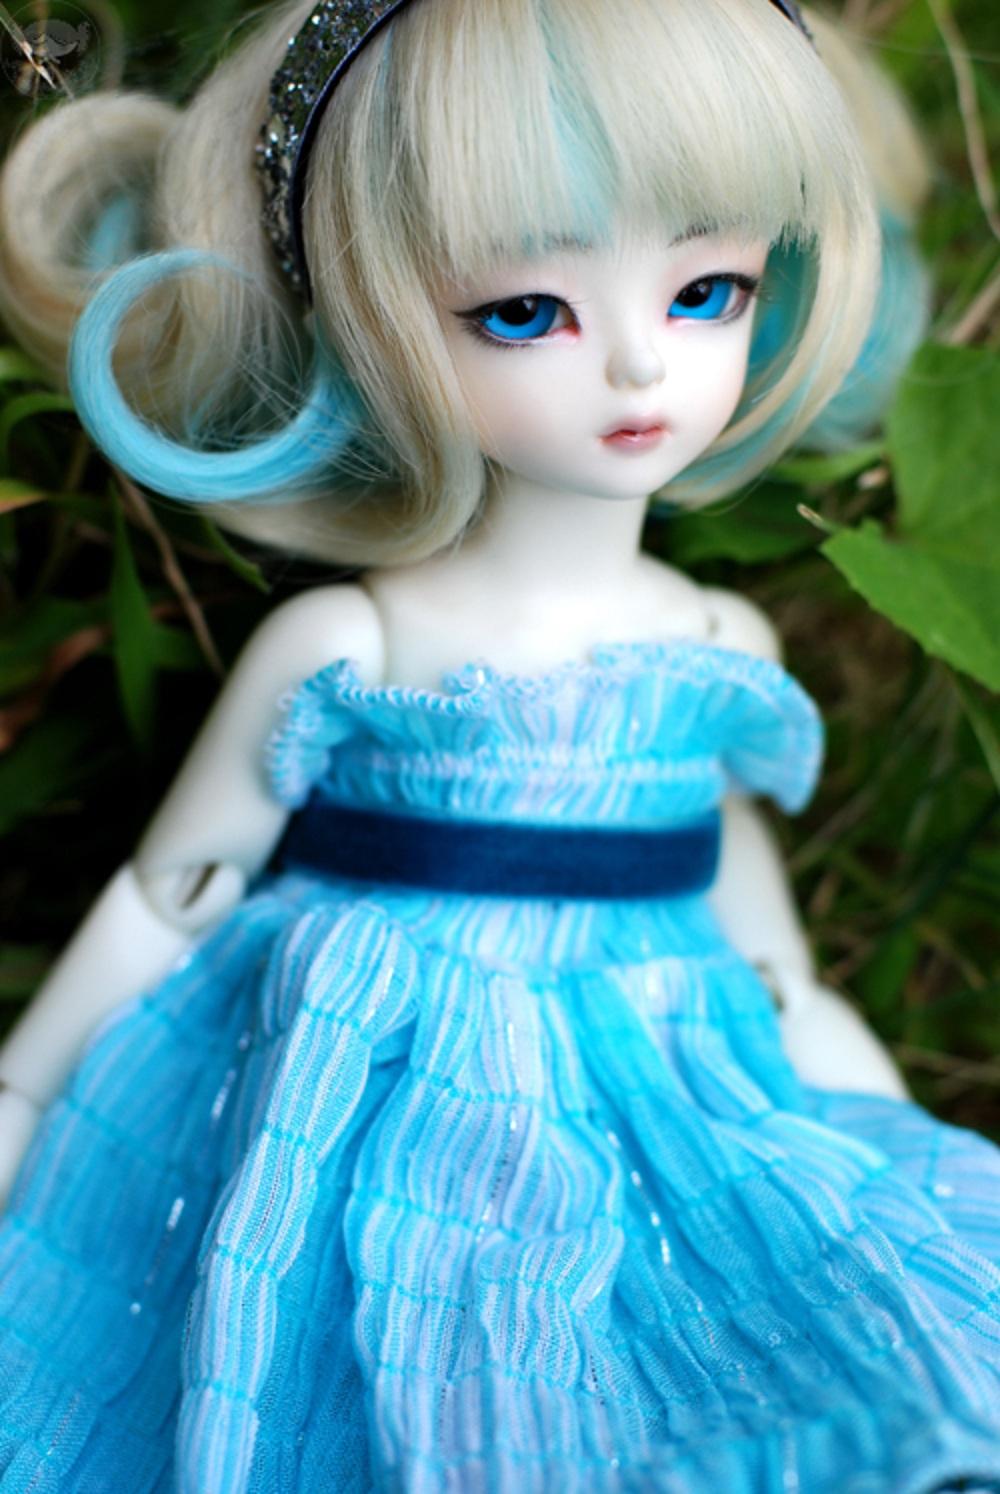 Wallpapers Of Cute Dolls For Desktop Cute Baby Barbie Doll Wallpaper Beautiful Desktop Hd